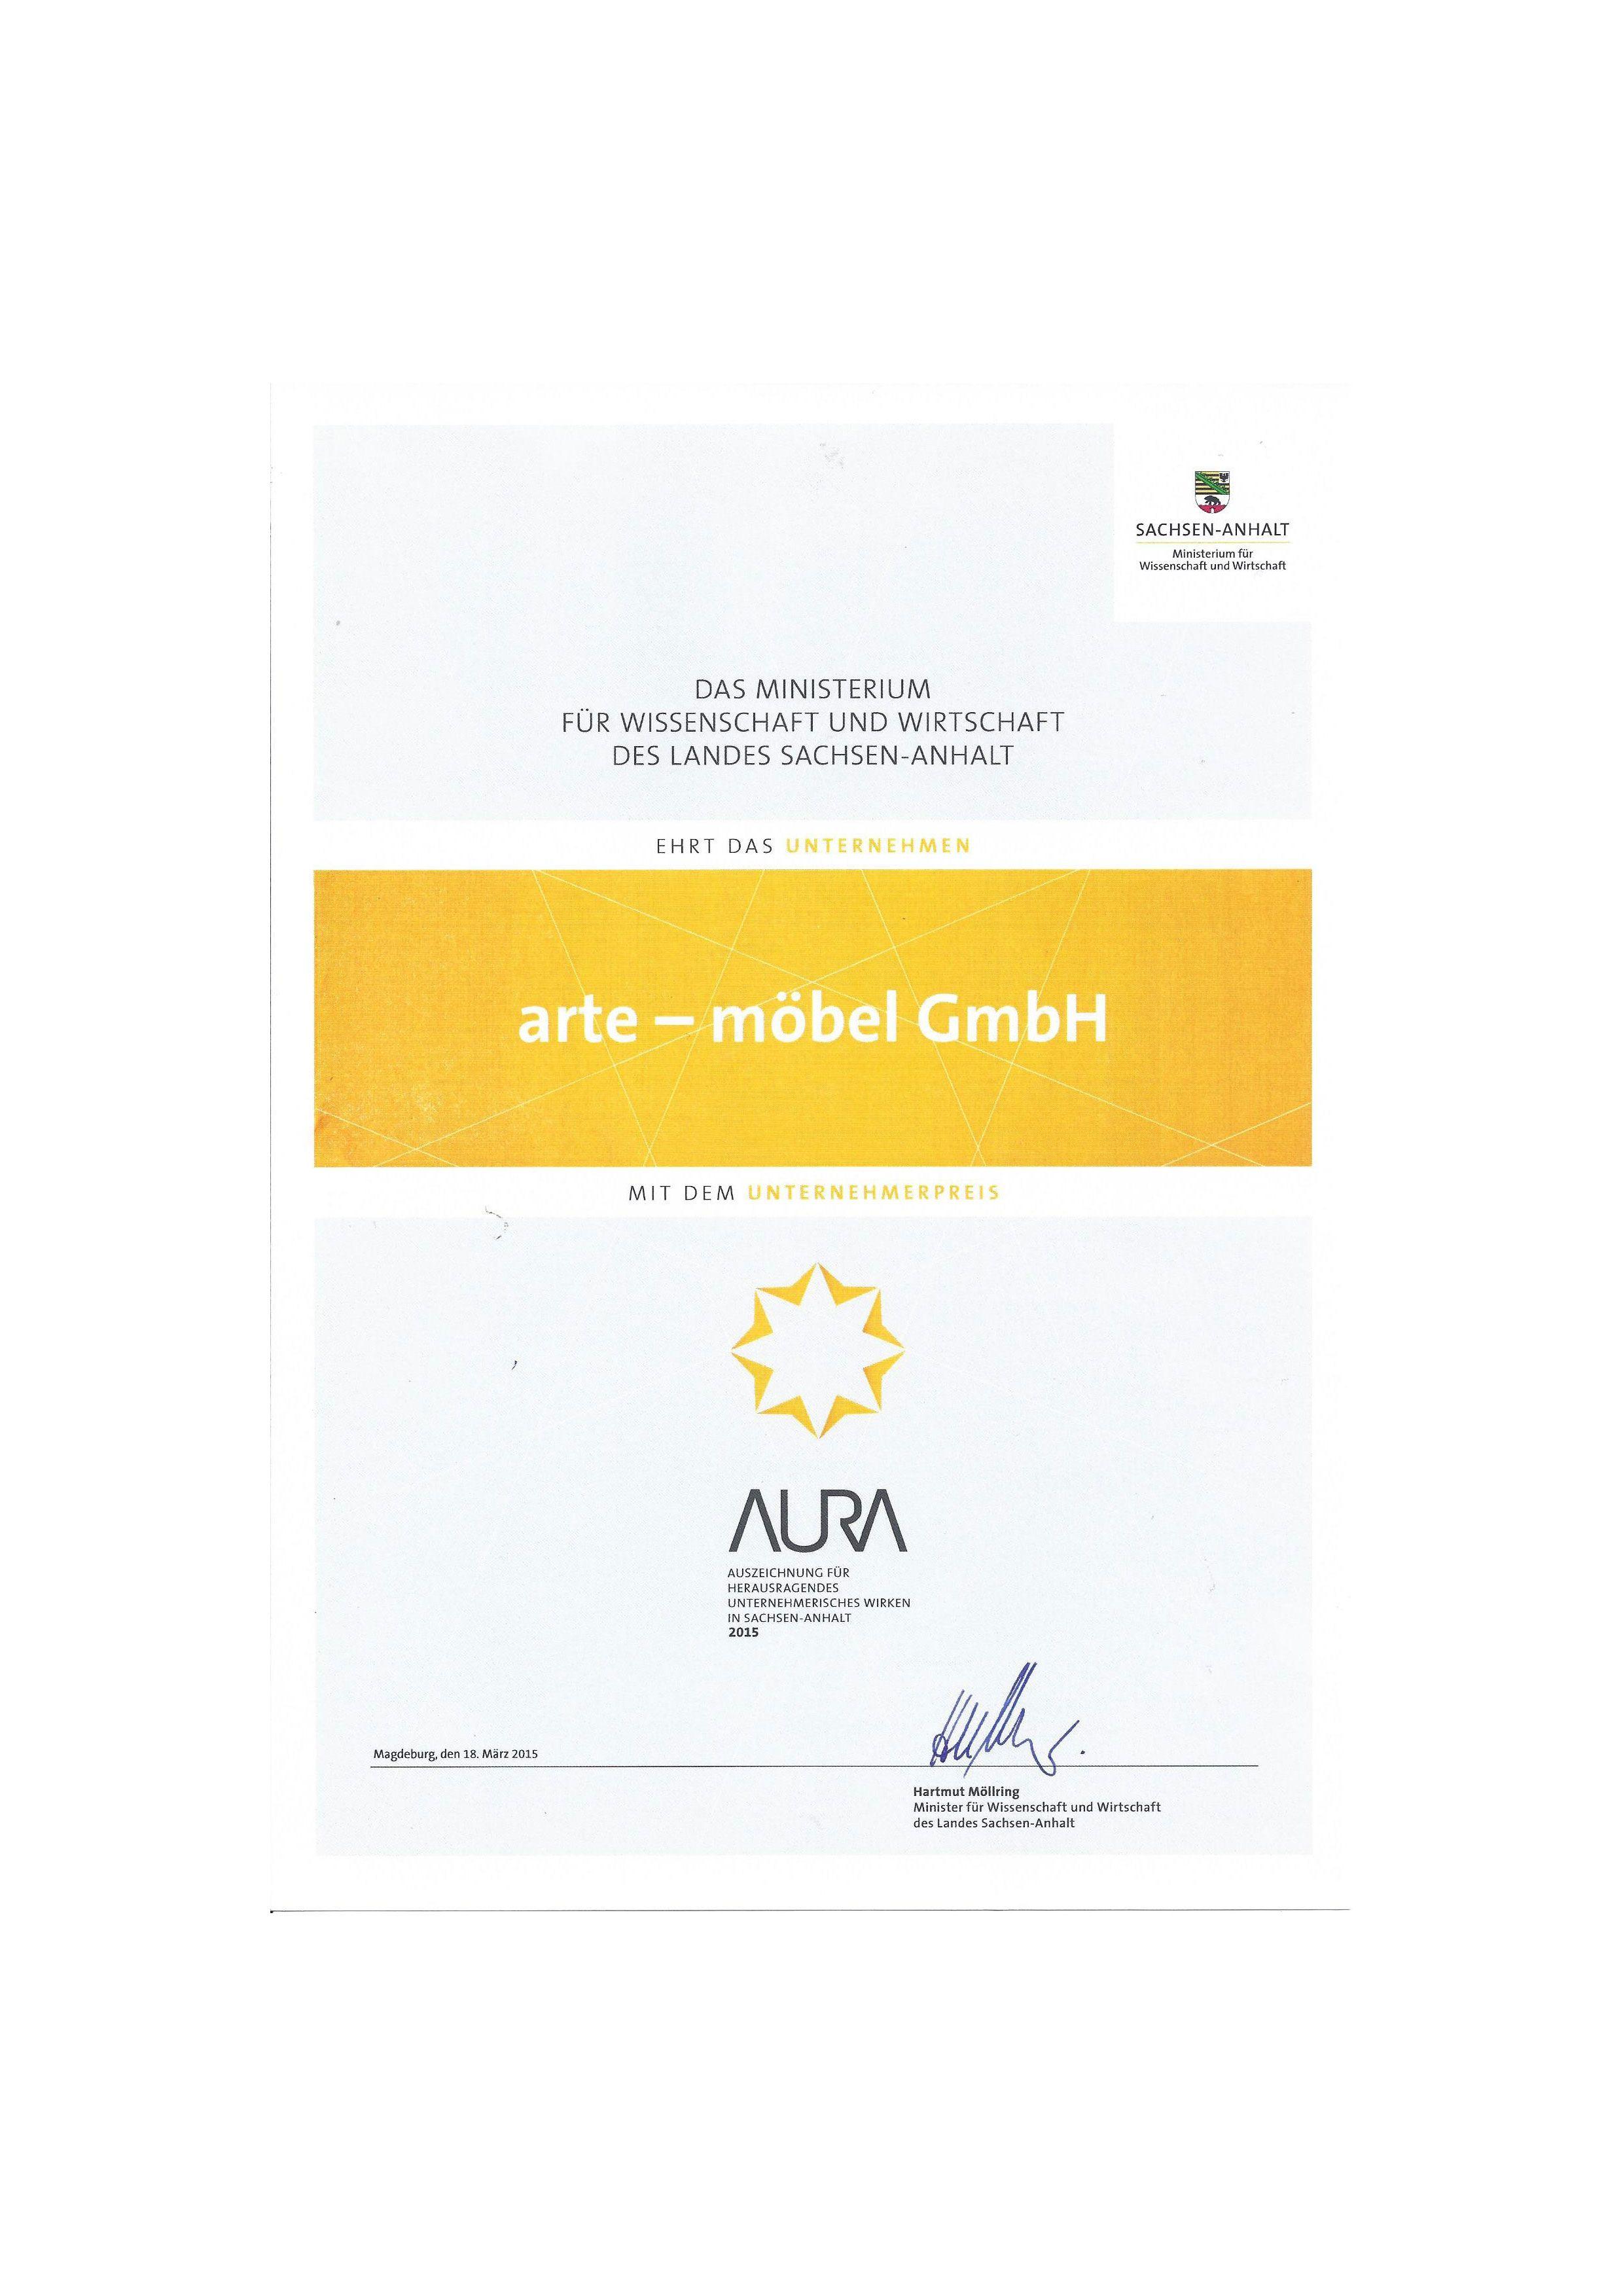 auszeichnungen und zertifikate